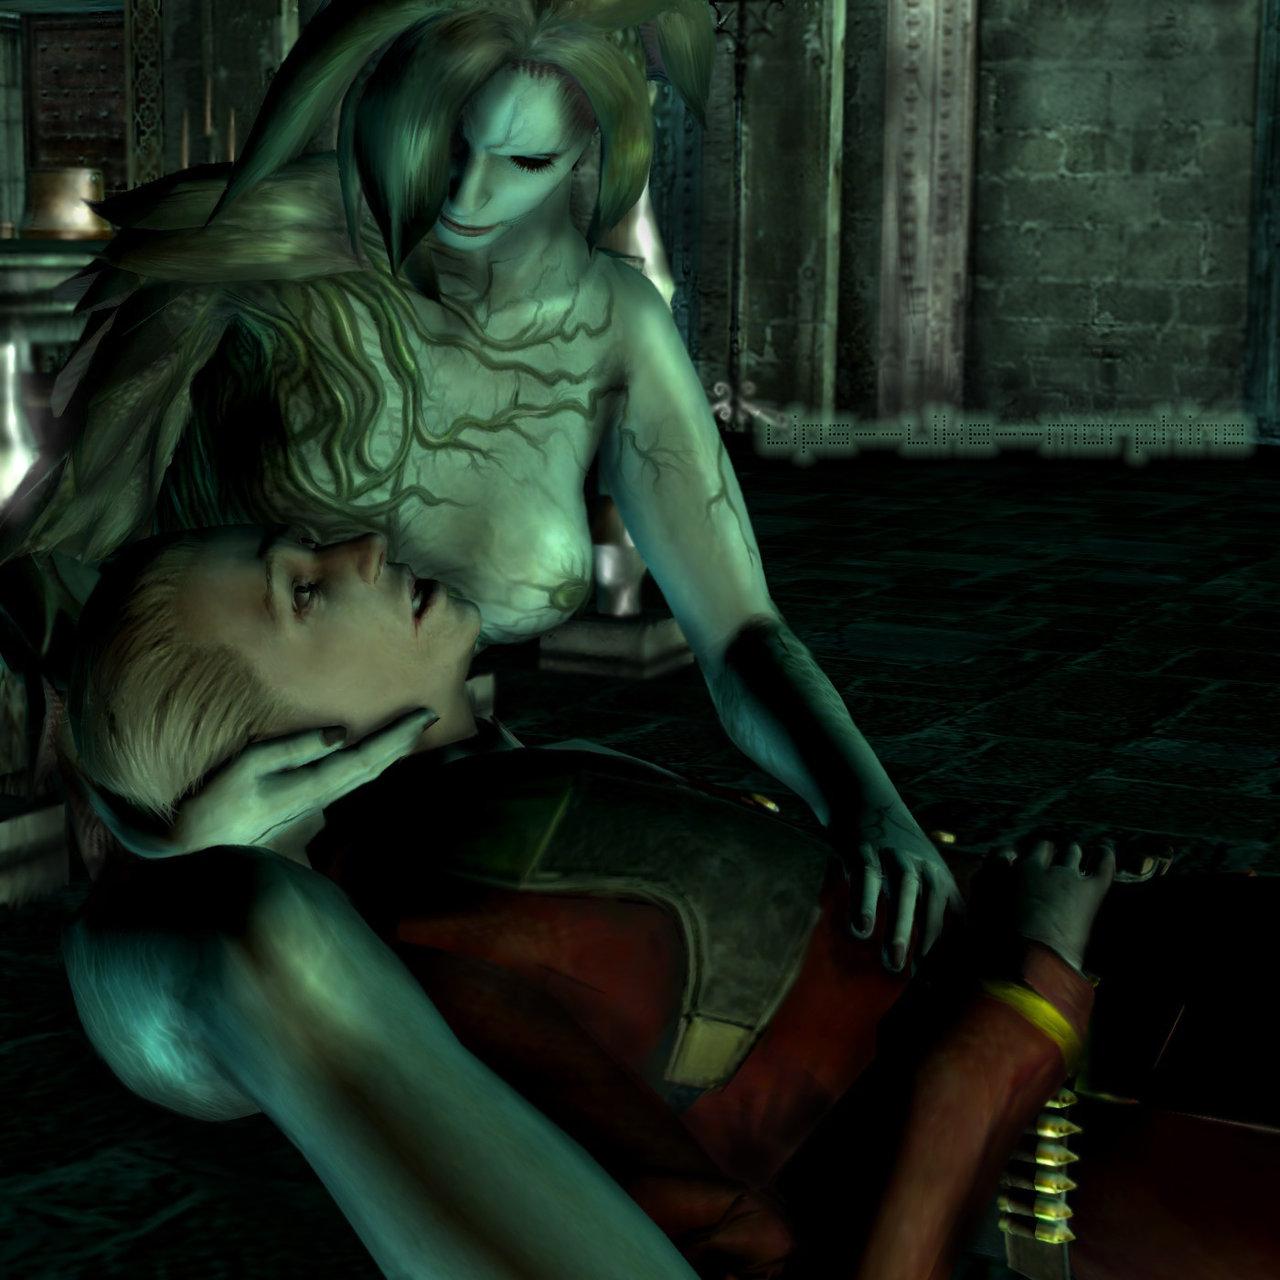 Resident evil alexia porno sexual movies